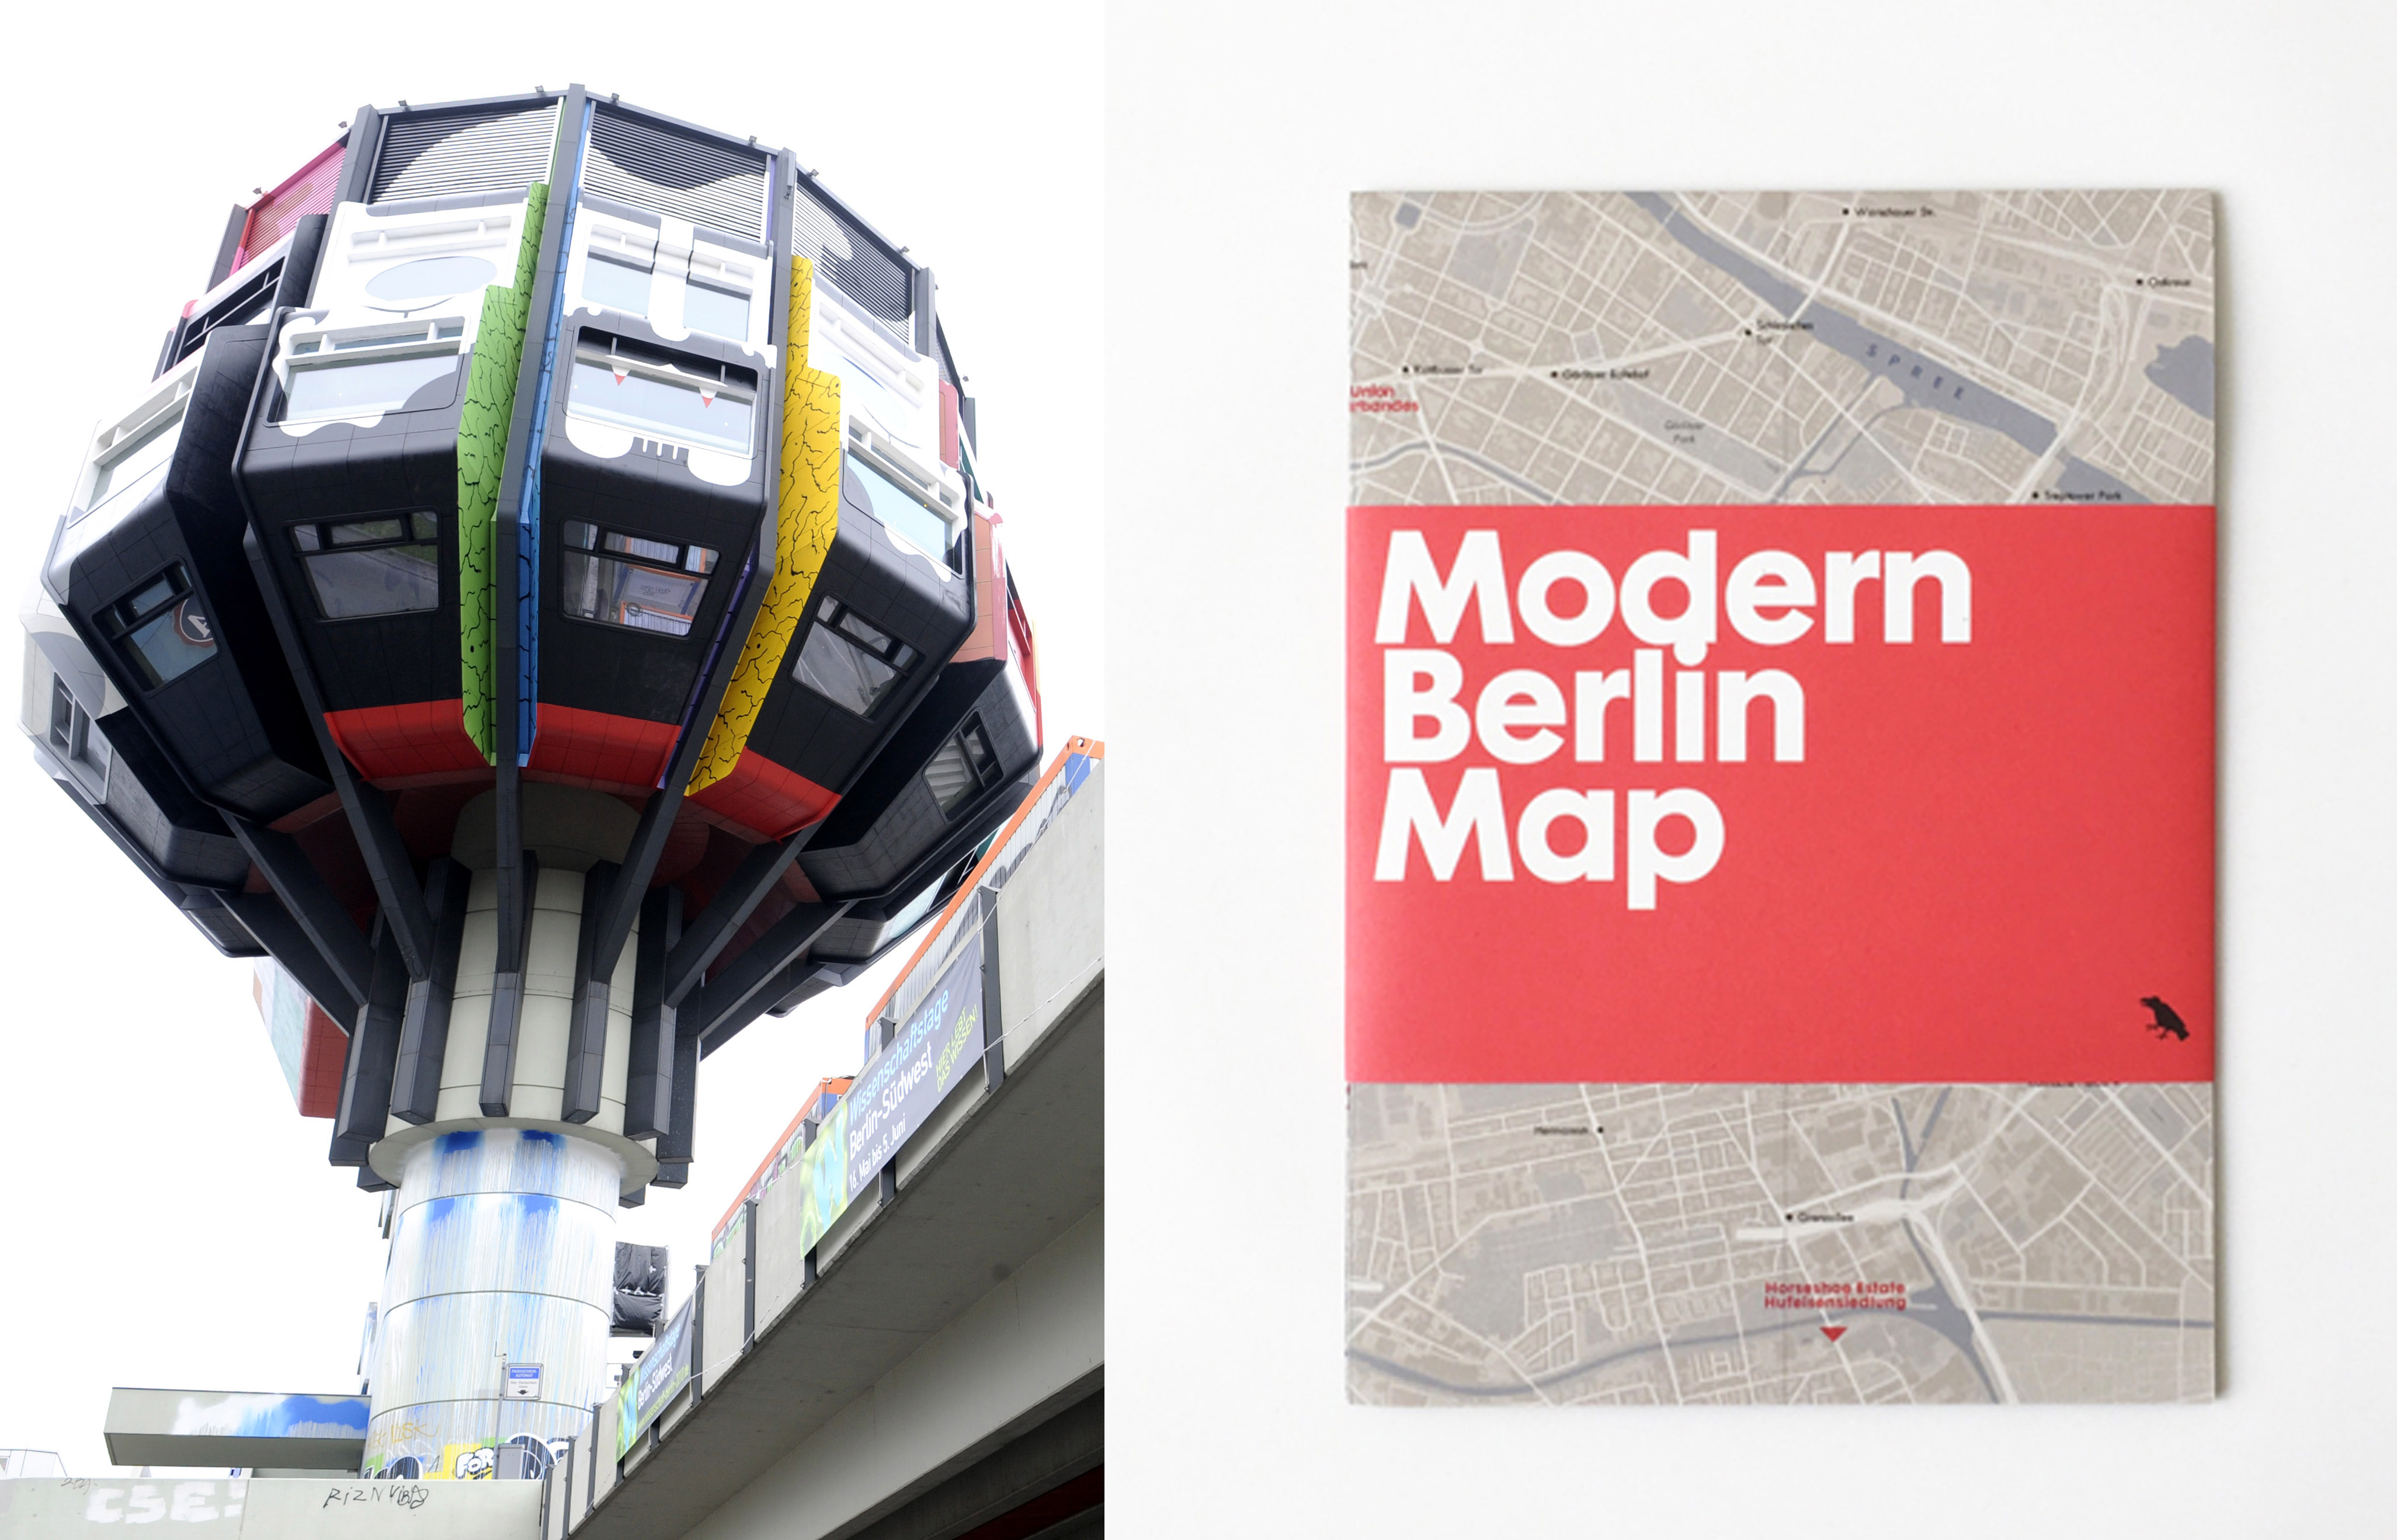 Der bunte sogenannten Bierpinsel steht am Donnerstag (13.05.2010) in Berlin-Steglitz. Sechs Wochen lang wurde er bemalt, nun erstrahlt der Bierpinsel in neuem Glanz. An diesem Freitag (14.05.) wird das Graffiti-Projekt 'Turmkunst 2010' vollendet. Vier internationale Streetart-KŸnstler hatten den knapp 50 Meter hohen Turm an der Schlo§stra§e am 1. April in Beschlag genommen und seitdem jeden Tag von einem Fassadenlift aus besprŸht. Fast 2000 Farbdosen wurden verbraucht. Die Graffiti-Motive sollen ein Jahr an der Fassade des Turms bleiben. Der Name entstand im Volksmund, als der Turm 1976 eršffnet und auf der Feier Freibier ausgeschenkt wurde. In den folgenden Jahrzehnten beherbergte das GebŠude Kneipen und Restaurants, stand zuletzt aber wegen Sanierungsarbeiten mehrere Jahre leer. Foto: Rainer Jensen dpa/lbn +++(c) dpa - Bildfunk+++ | Verwendung weltweit